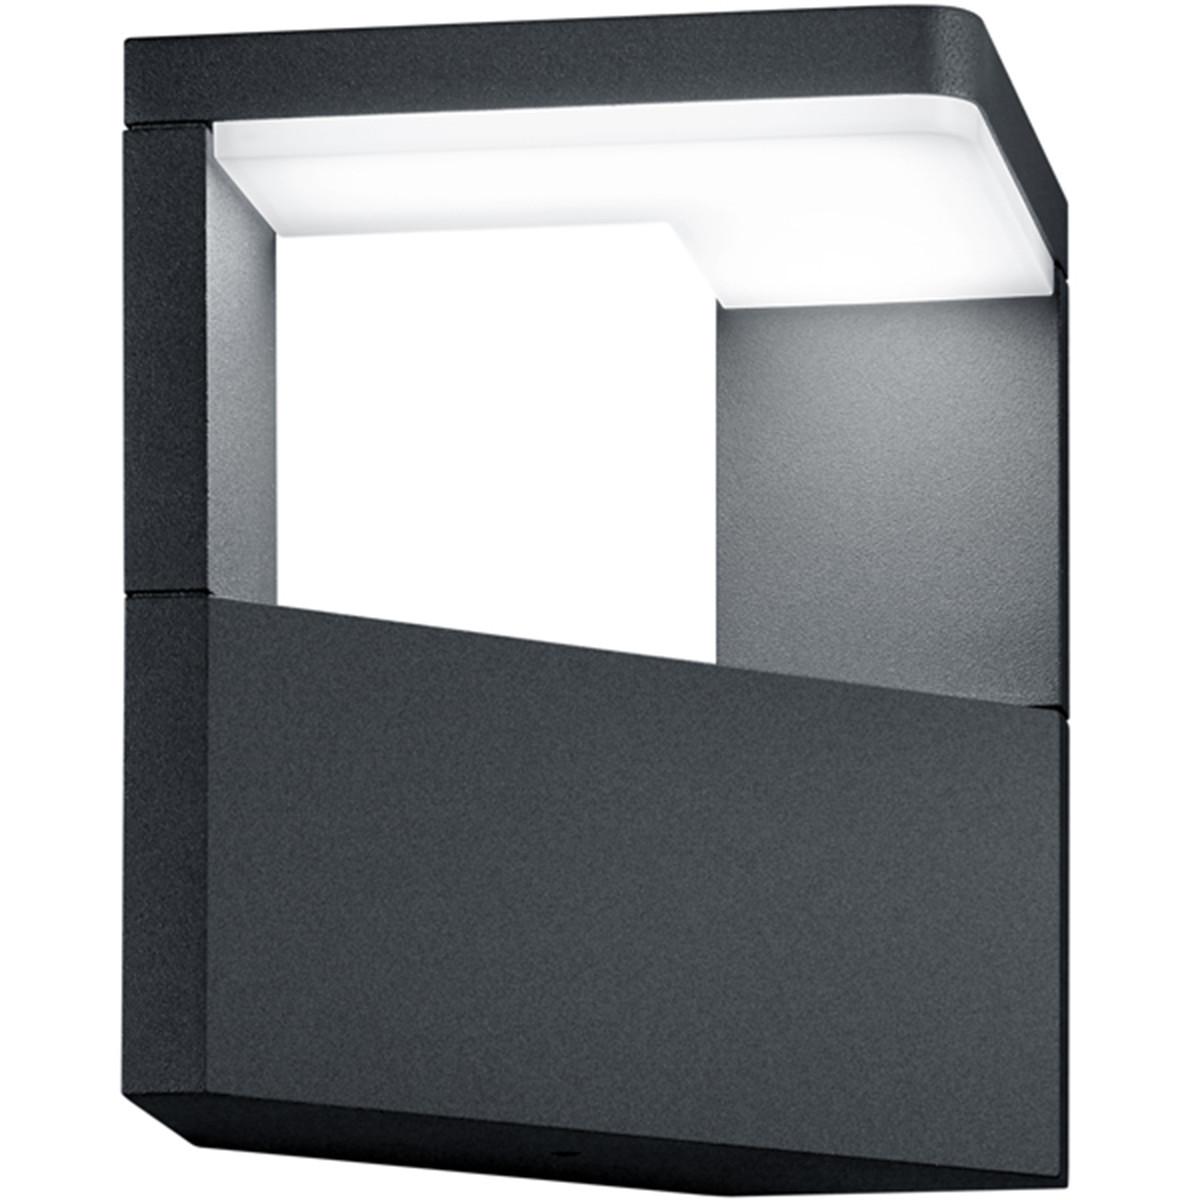 LED Tuinverlichting - Tuinlamp - Trion Gangy - Wand - 9W - Mat Zwart - Aluminium